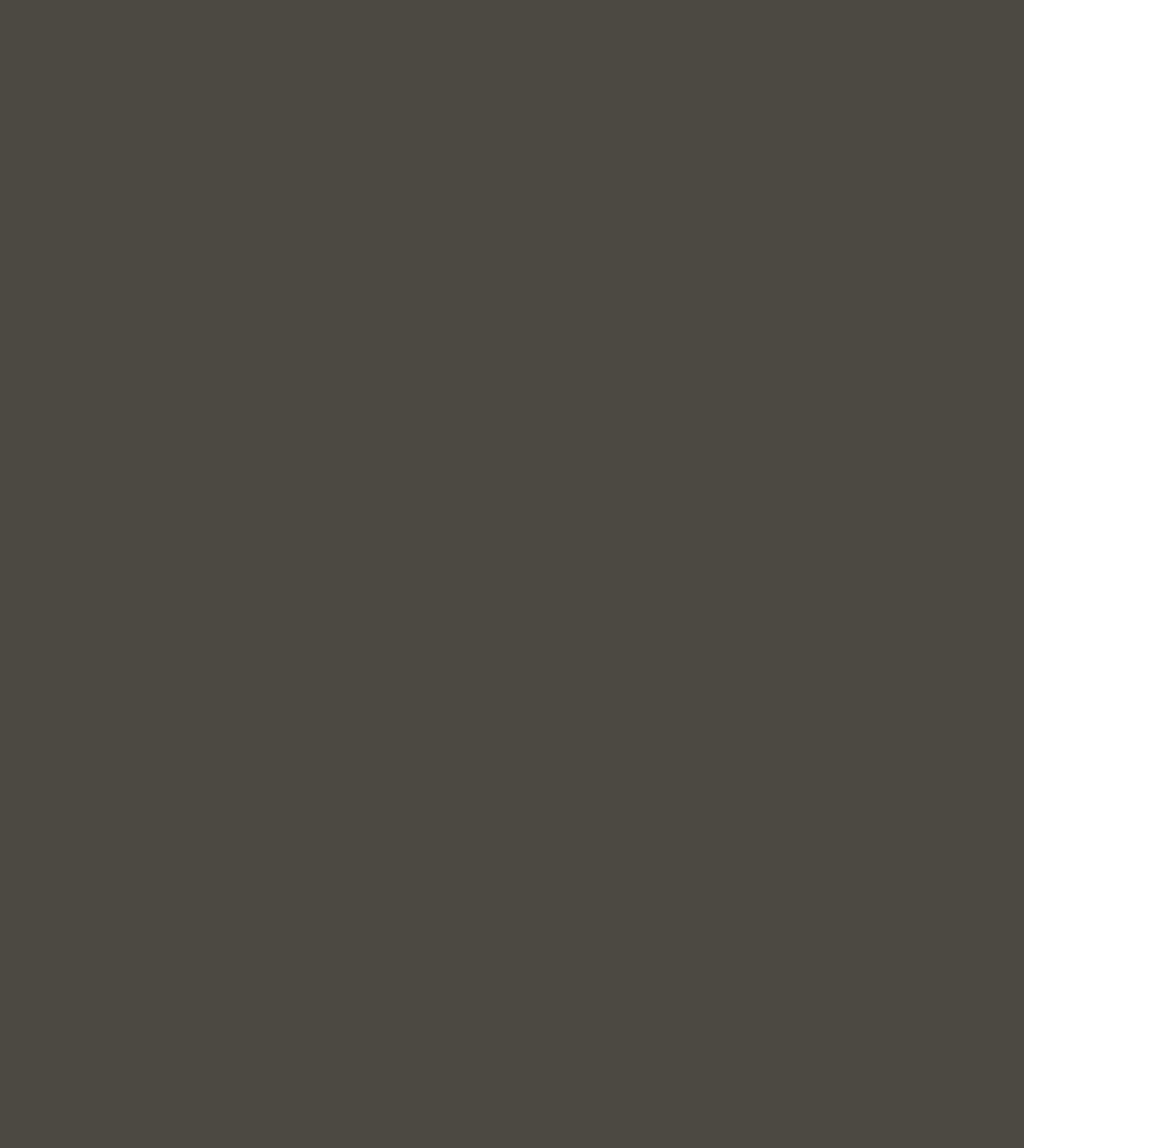 竜ノ巣 リュウノス ロゴ